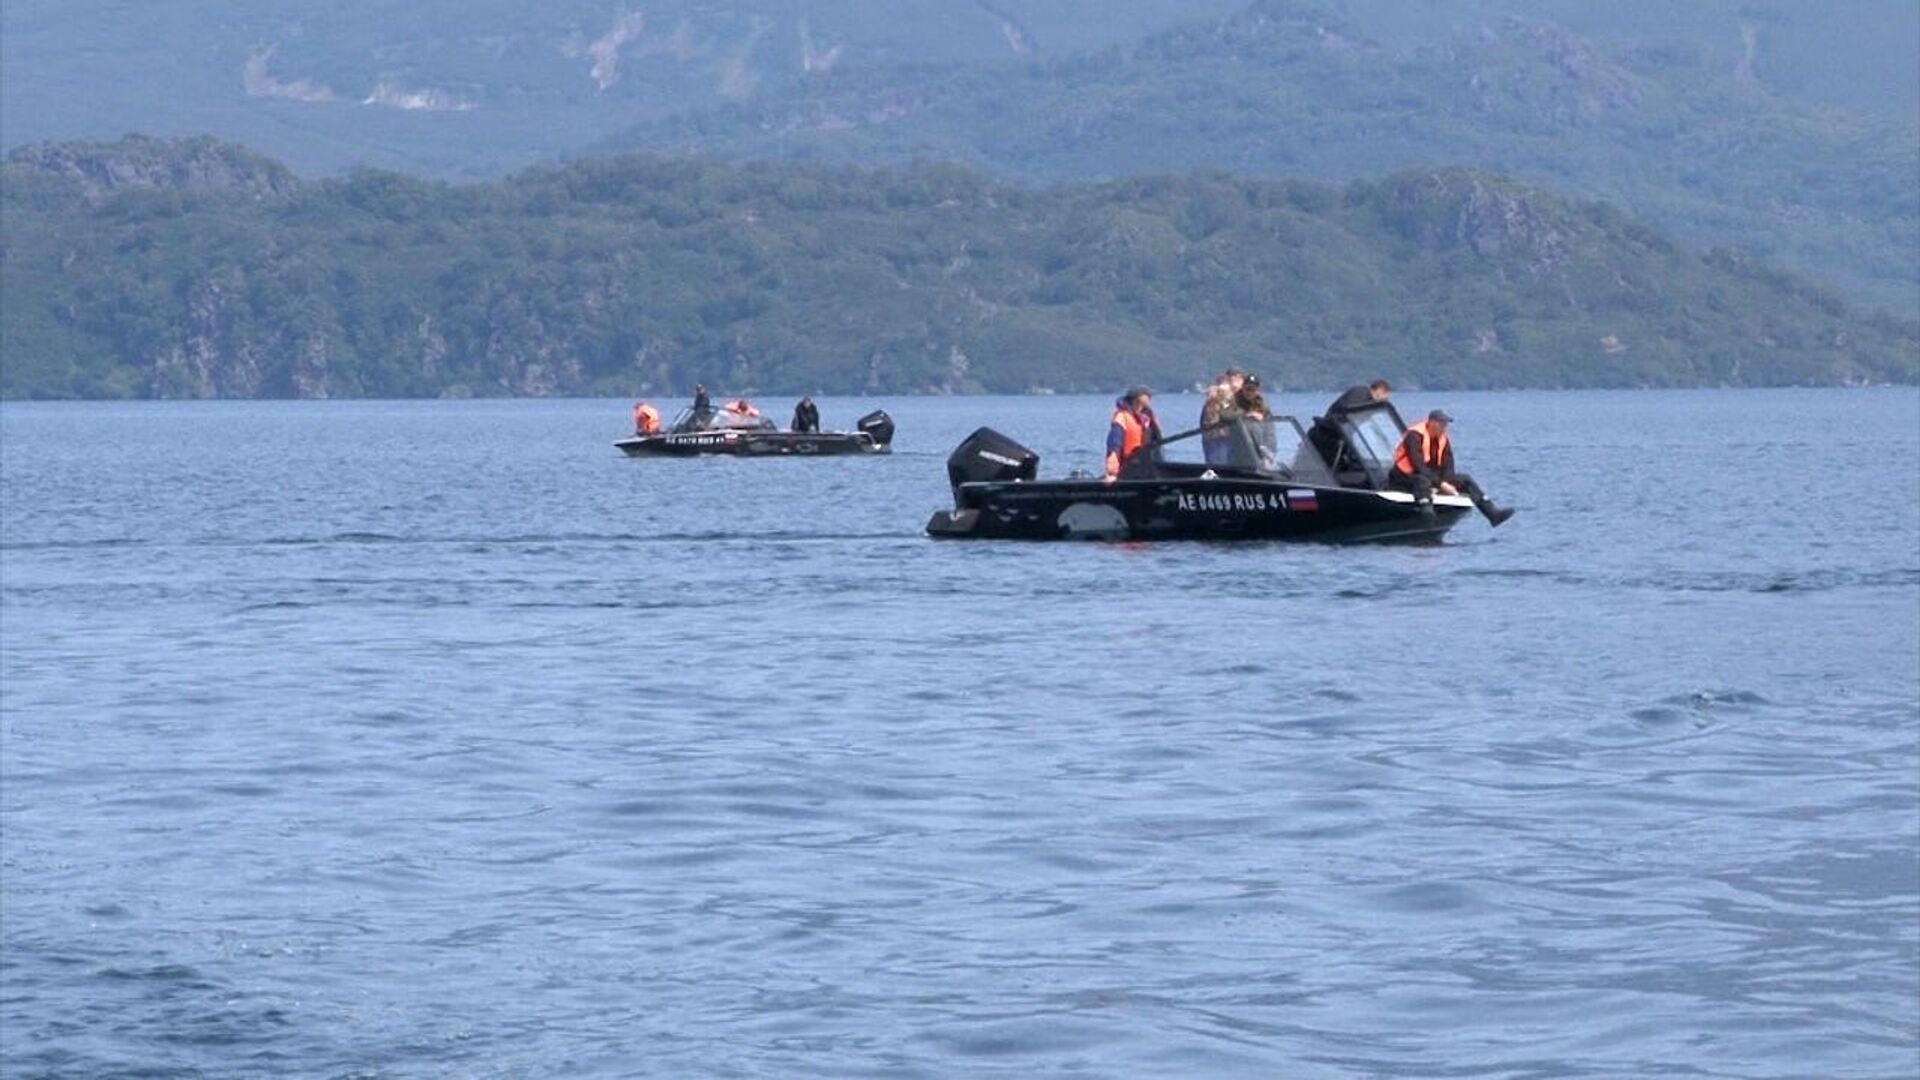 На месте крушения Ми-8 на Камчатке обнаружили тела погибших туристов